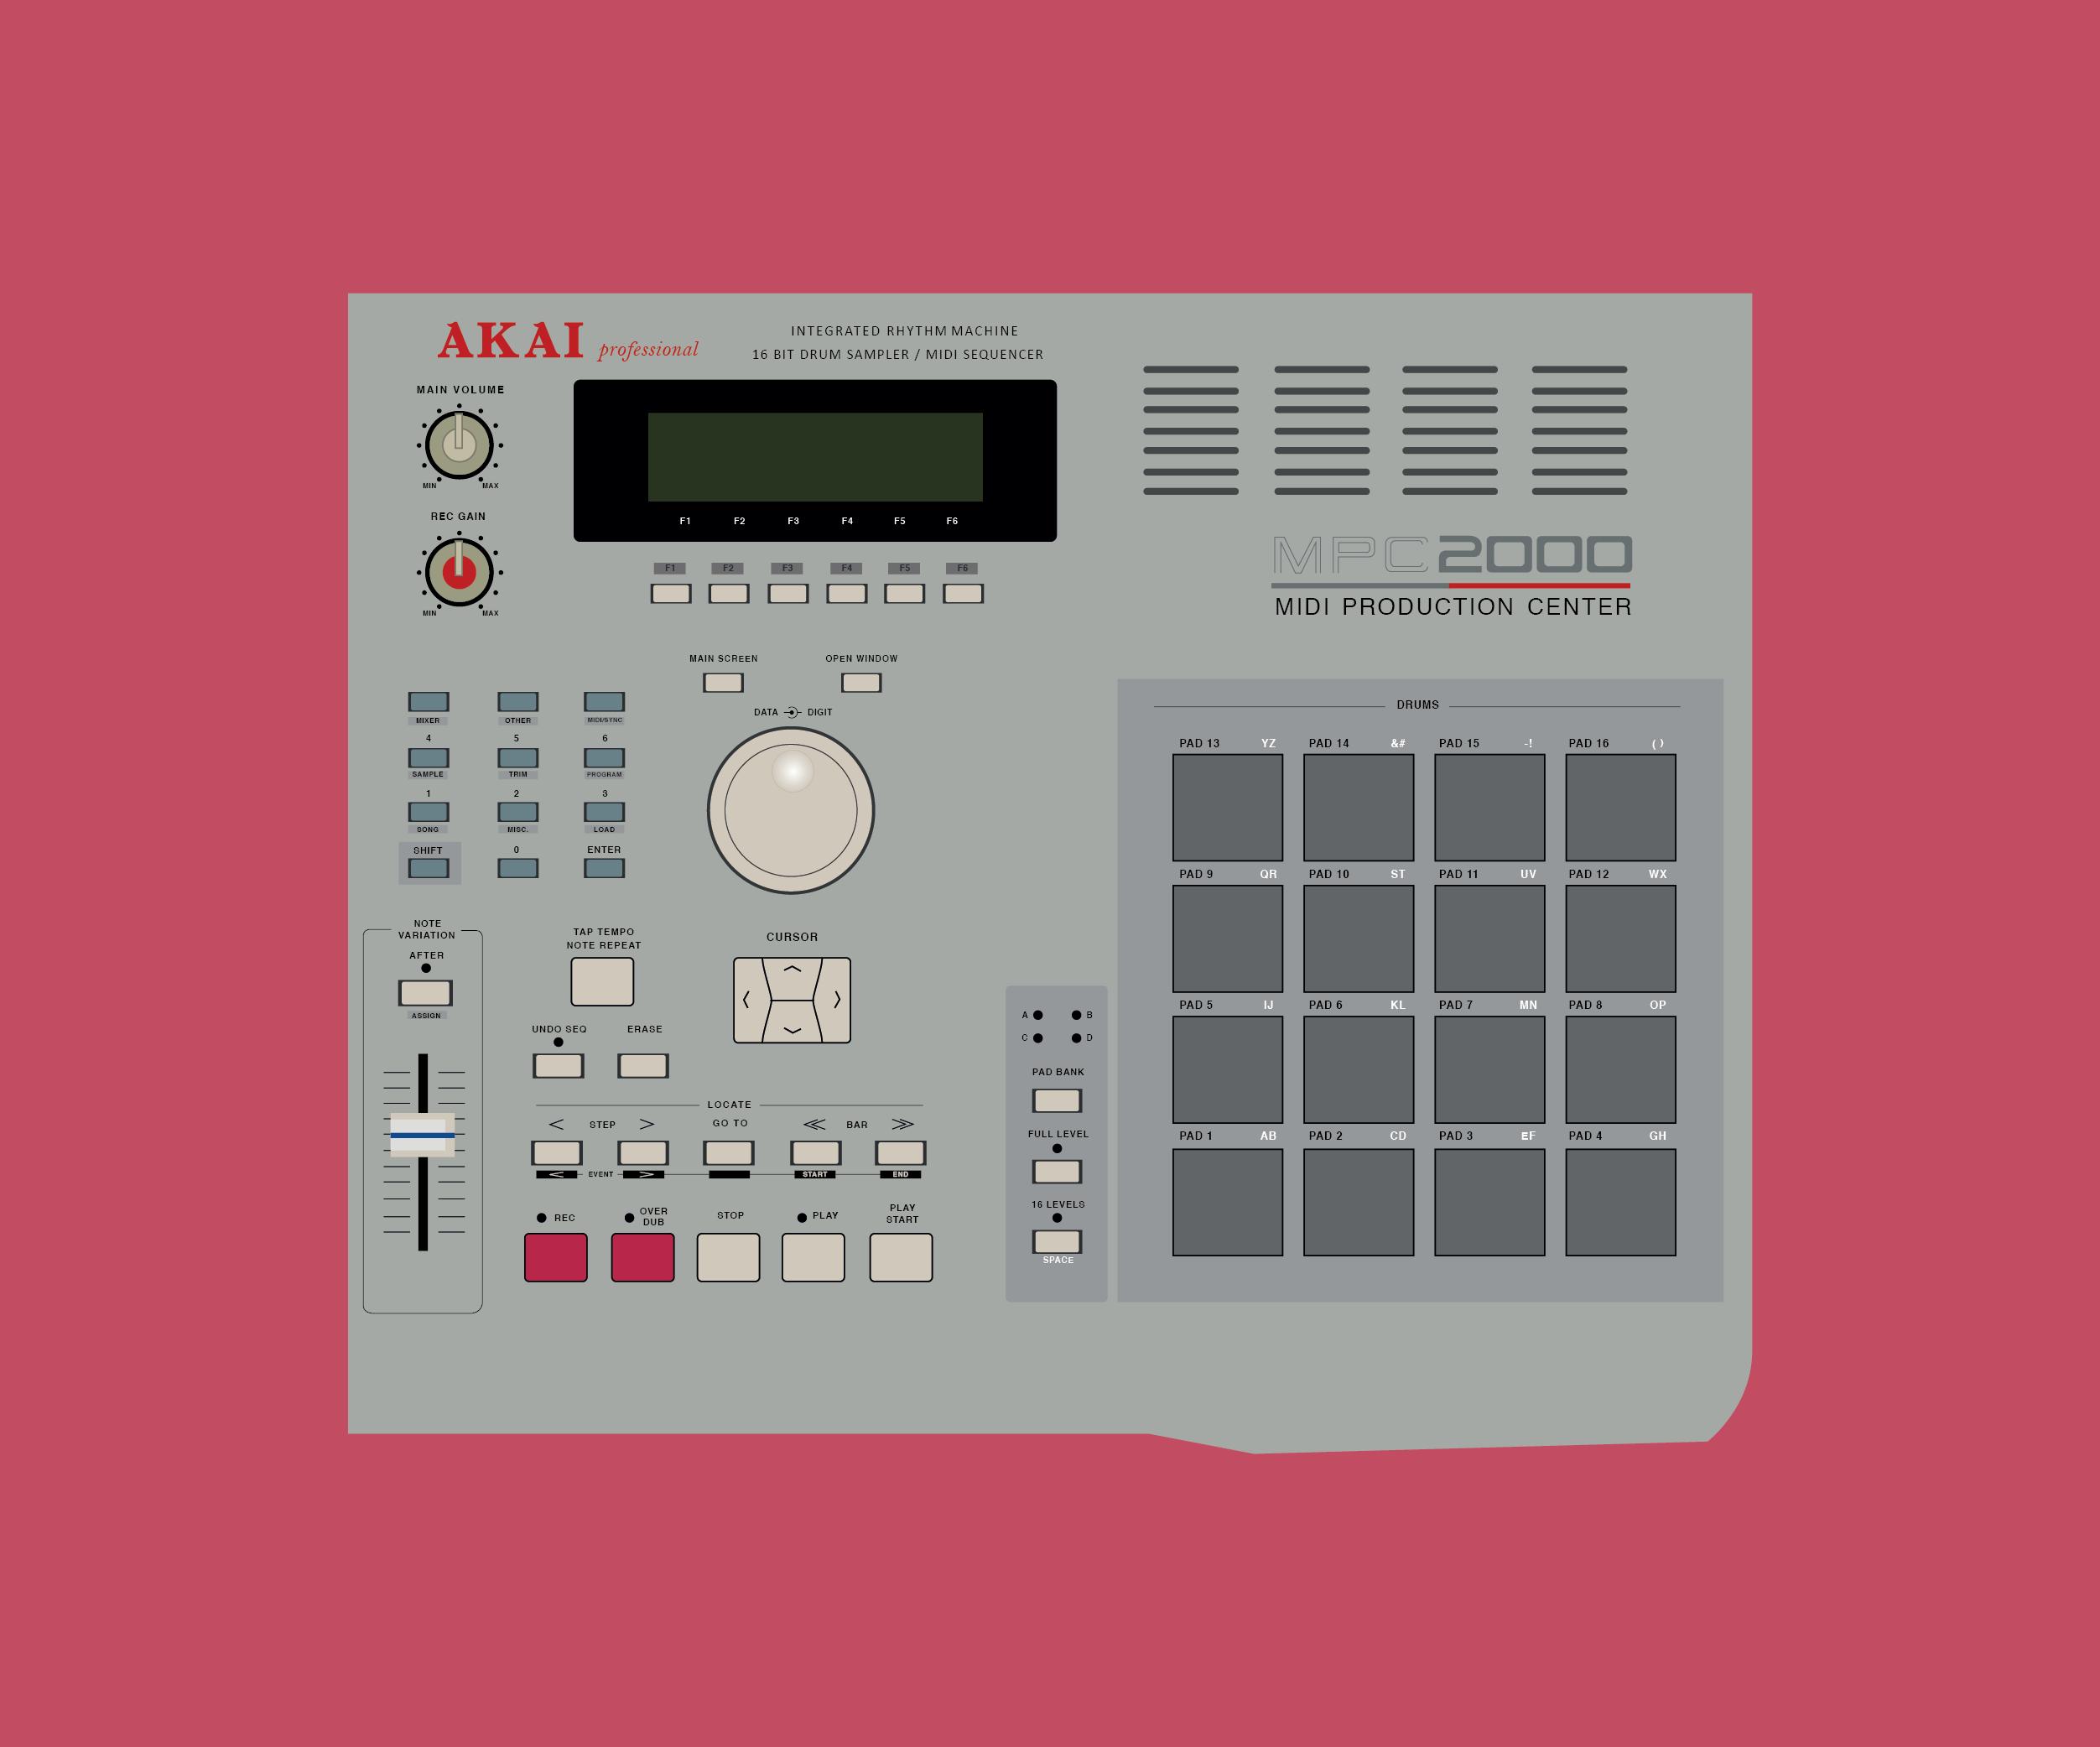 The history of the Drum Machine - Akai, Roland, NI, LinnDrum